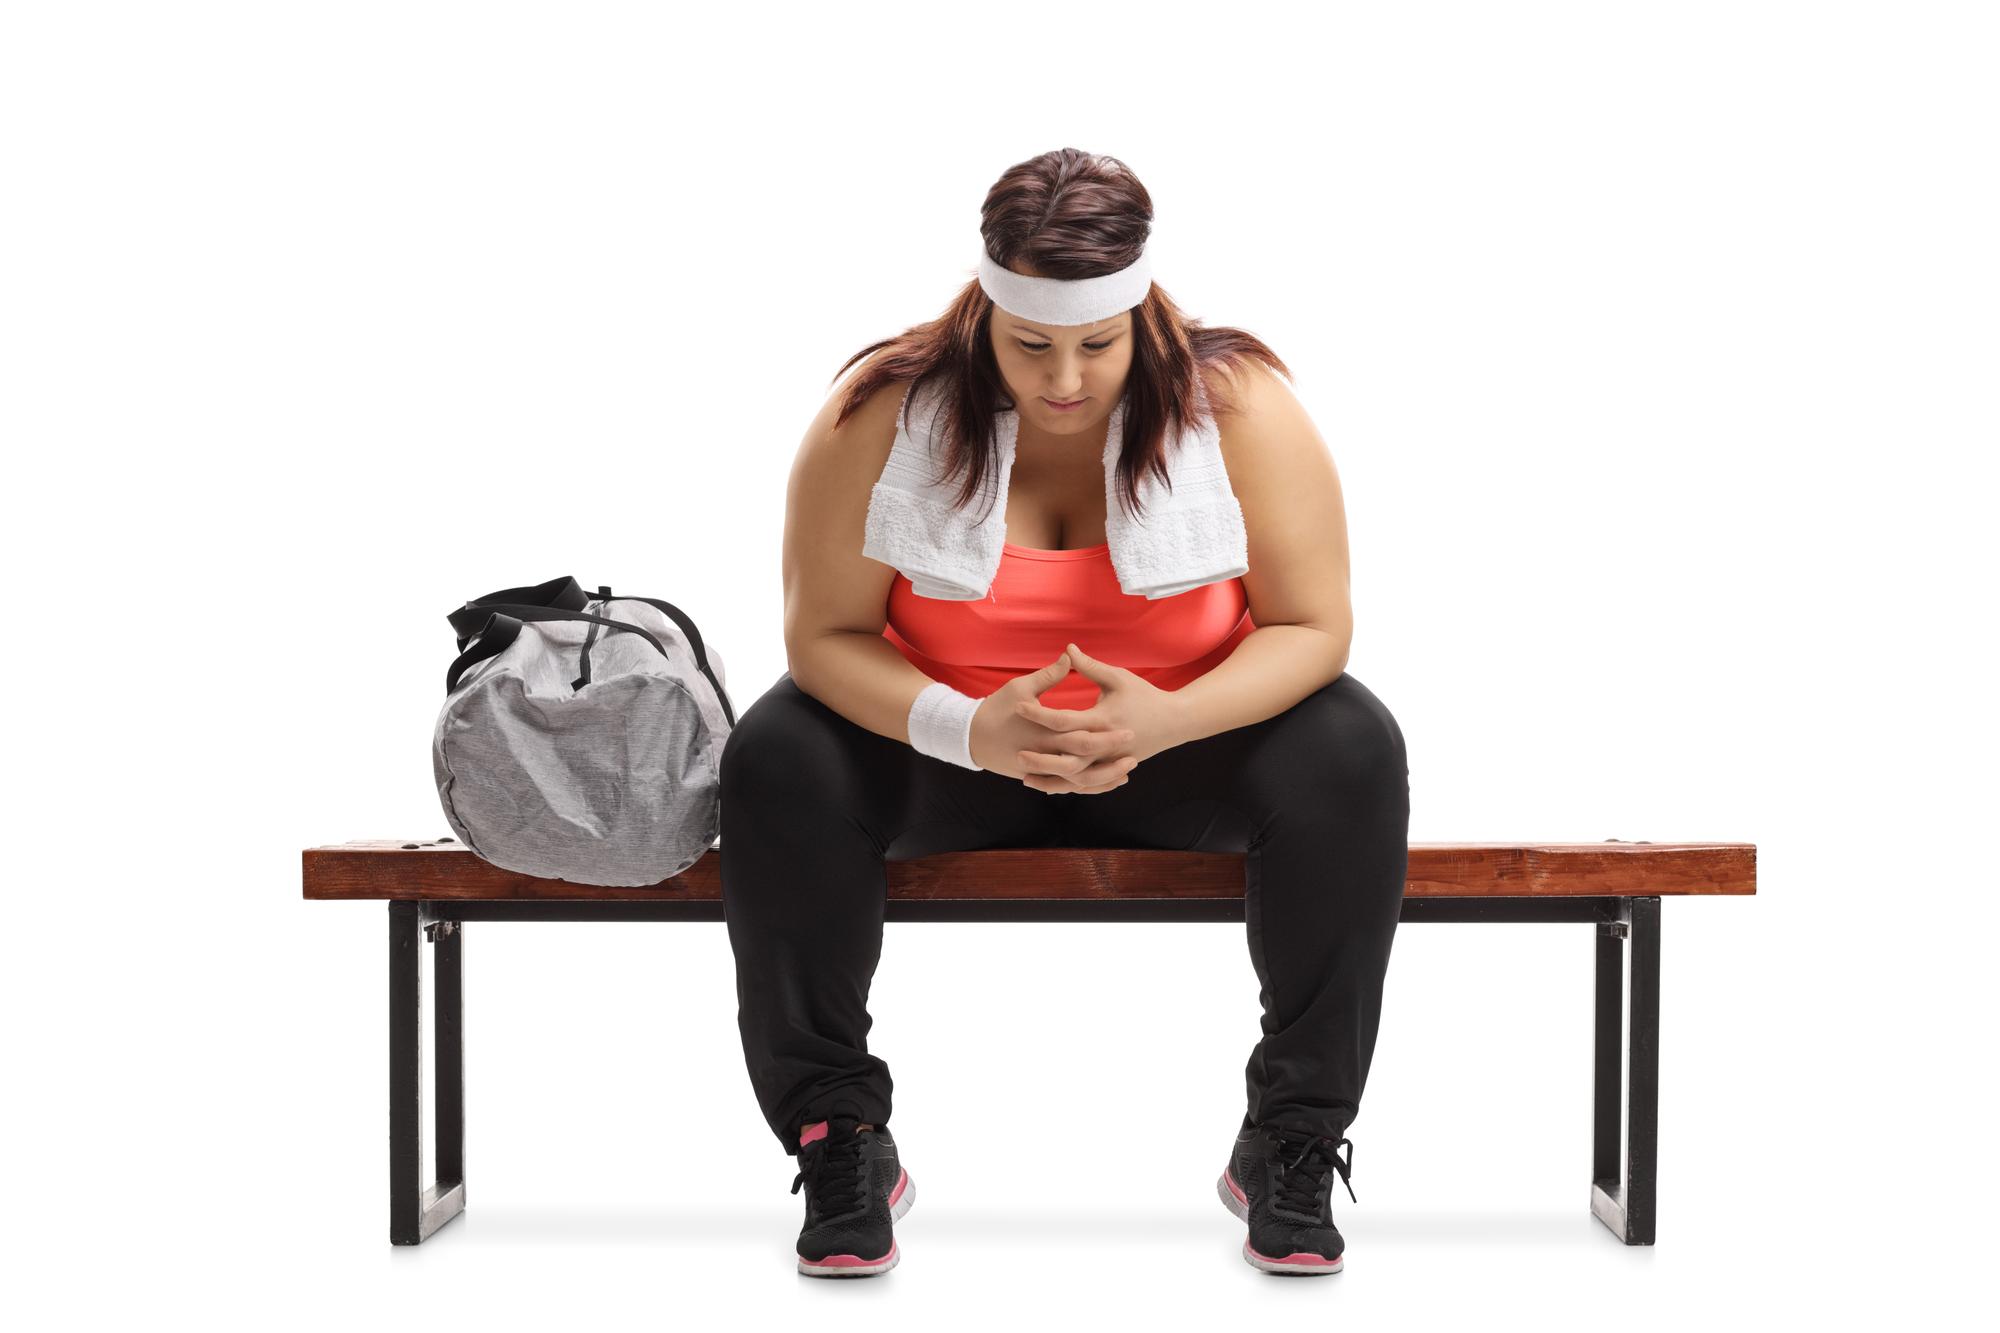 mujer frustrada ejercicio